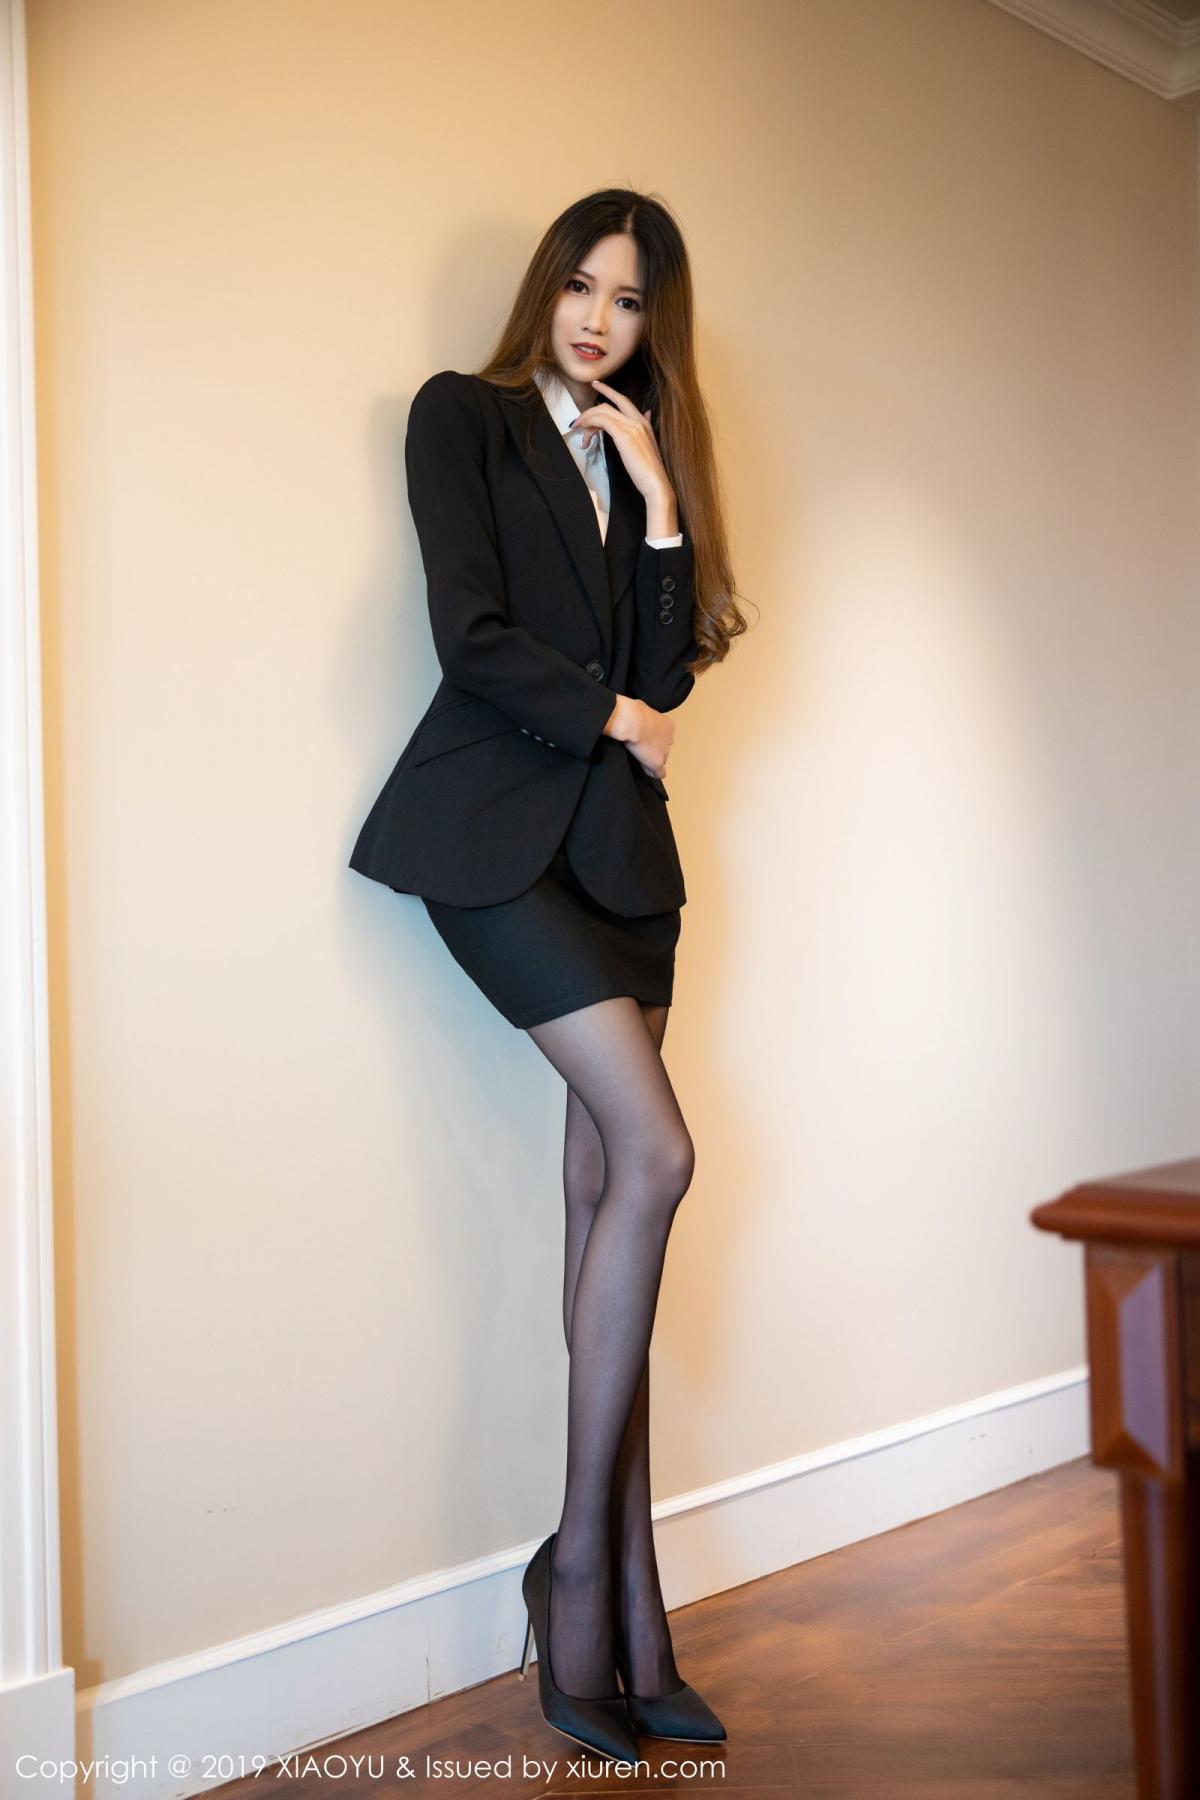 [XiaoYu] Vol.201 Cheng Cheng Cheng 1P, Black Silk, Cheng Cheng Cheng, Uniform, XiaoYu